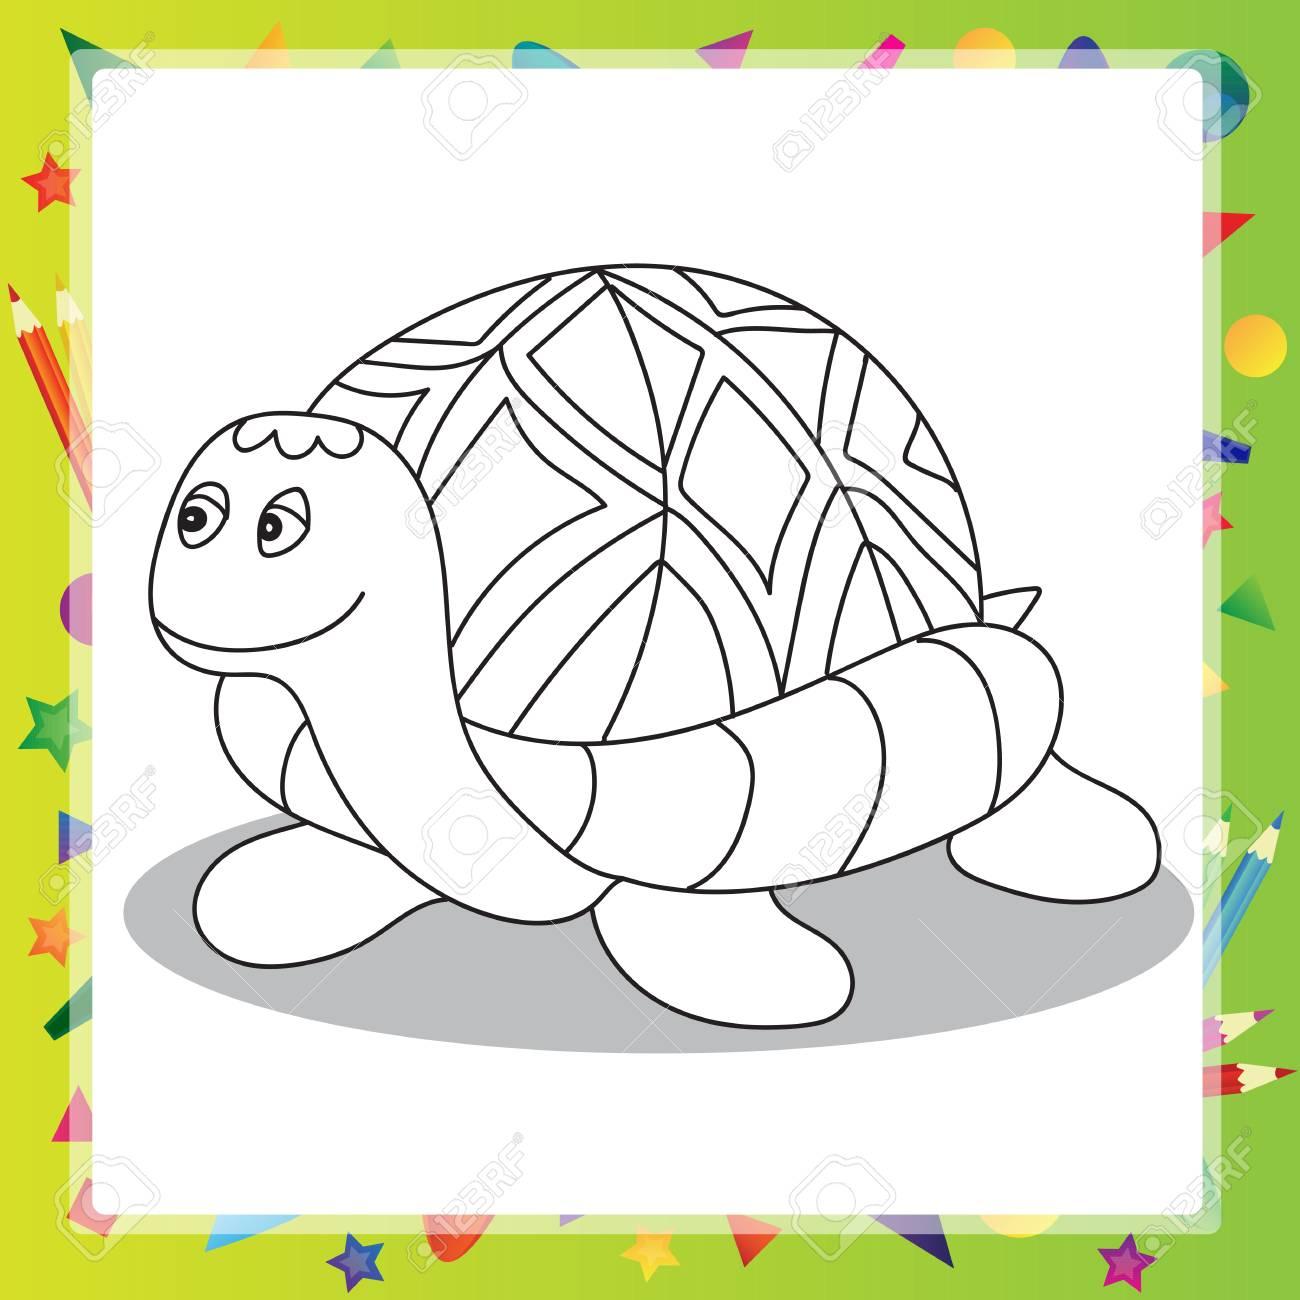 Nett Cartoon Schildkröte Malvorlagen Zeitgenössisch - Druckbare ...